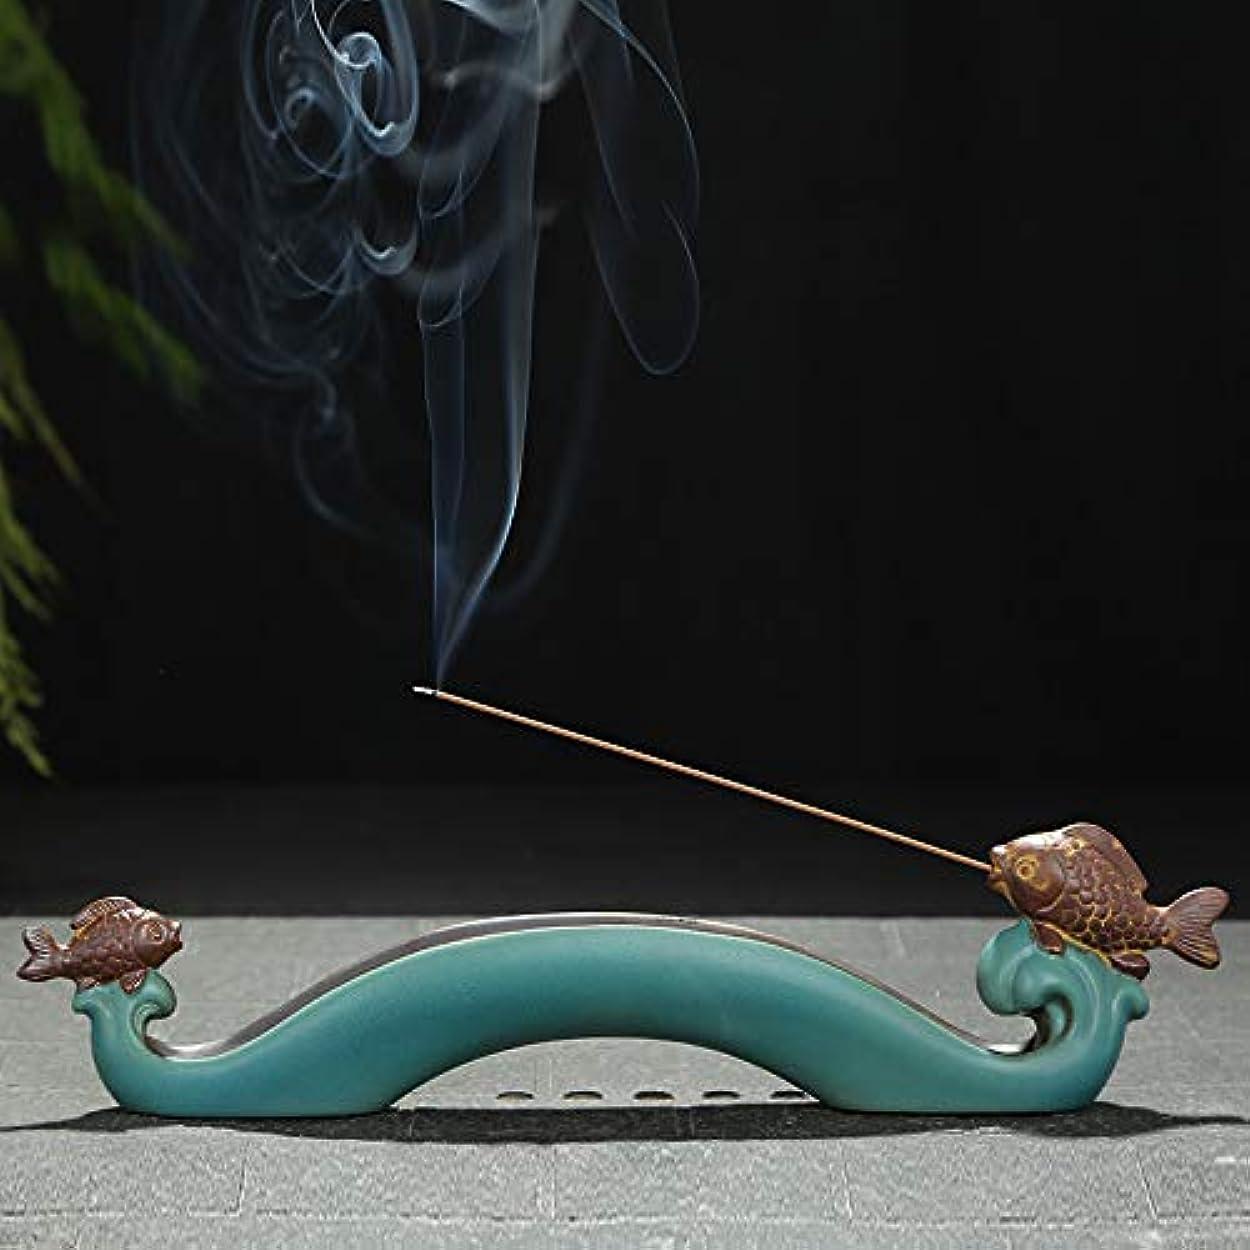 ラビリンス却下する百万PHILOGOD 香炉 陶器クリエイティブ鯉のスタイリング線香 香立てお香 ホルダー 香皿